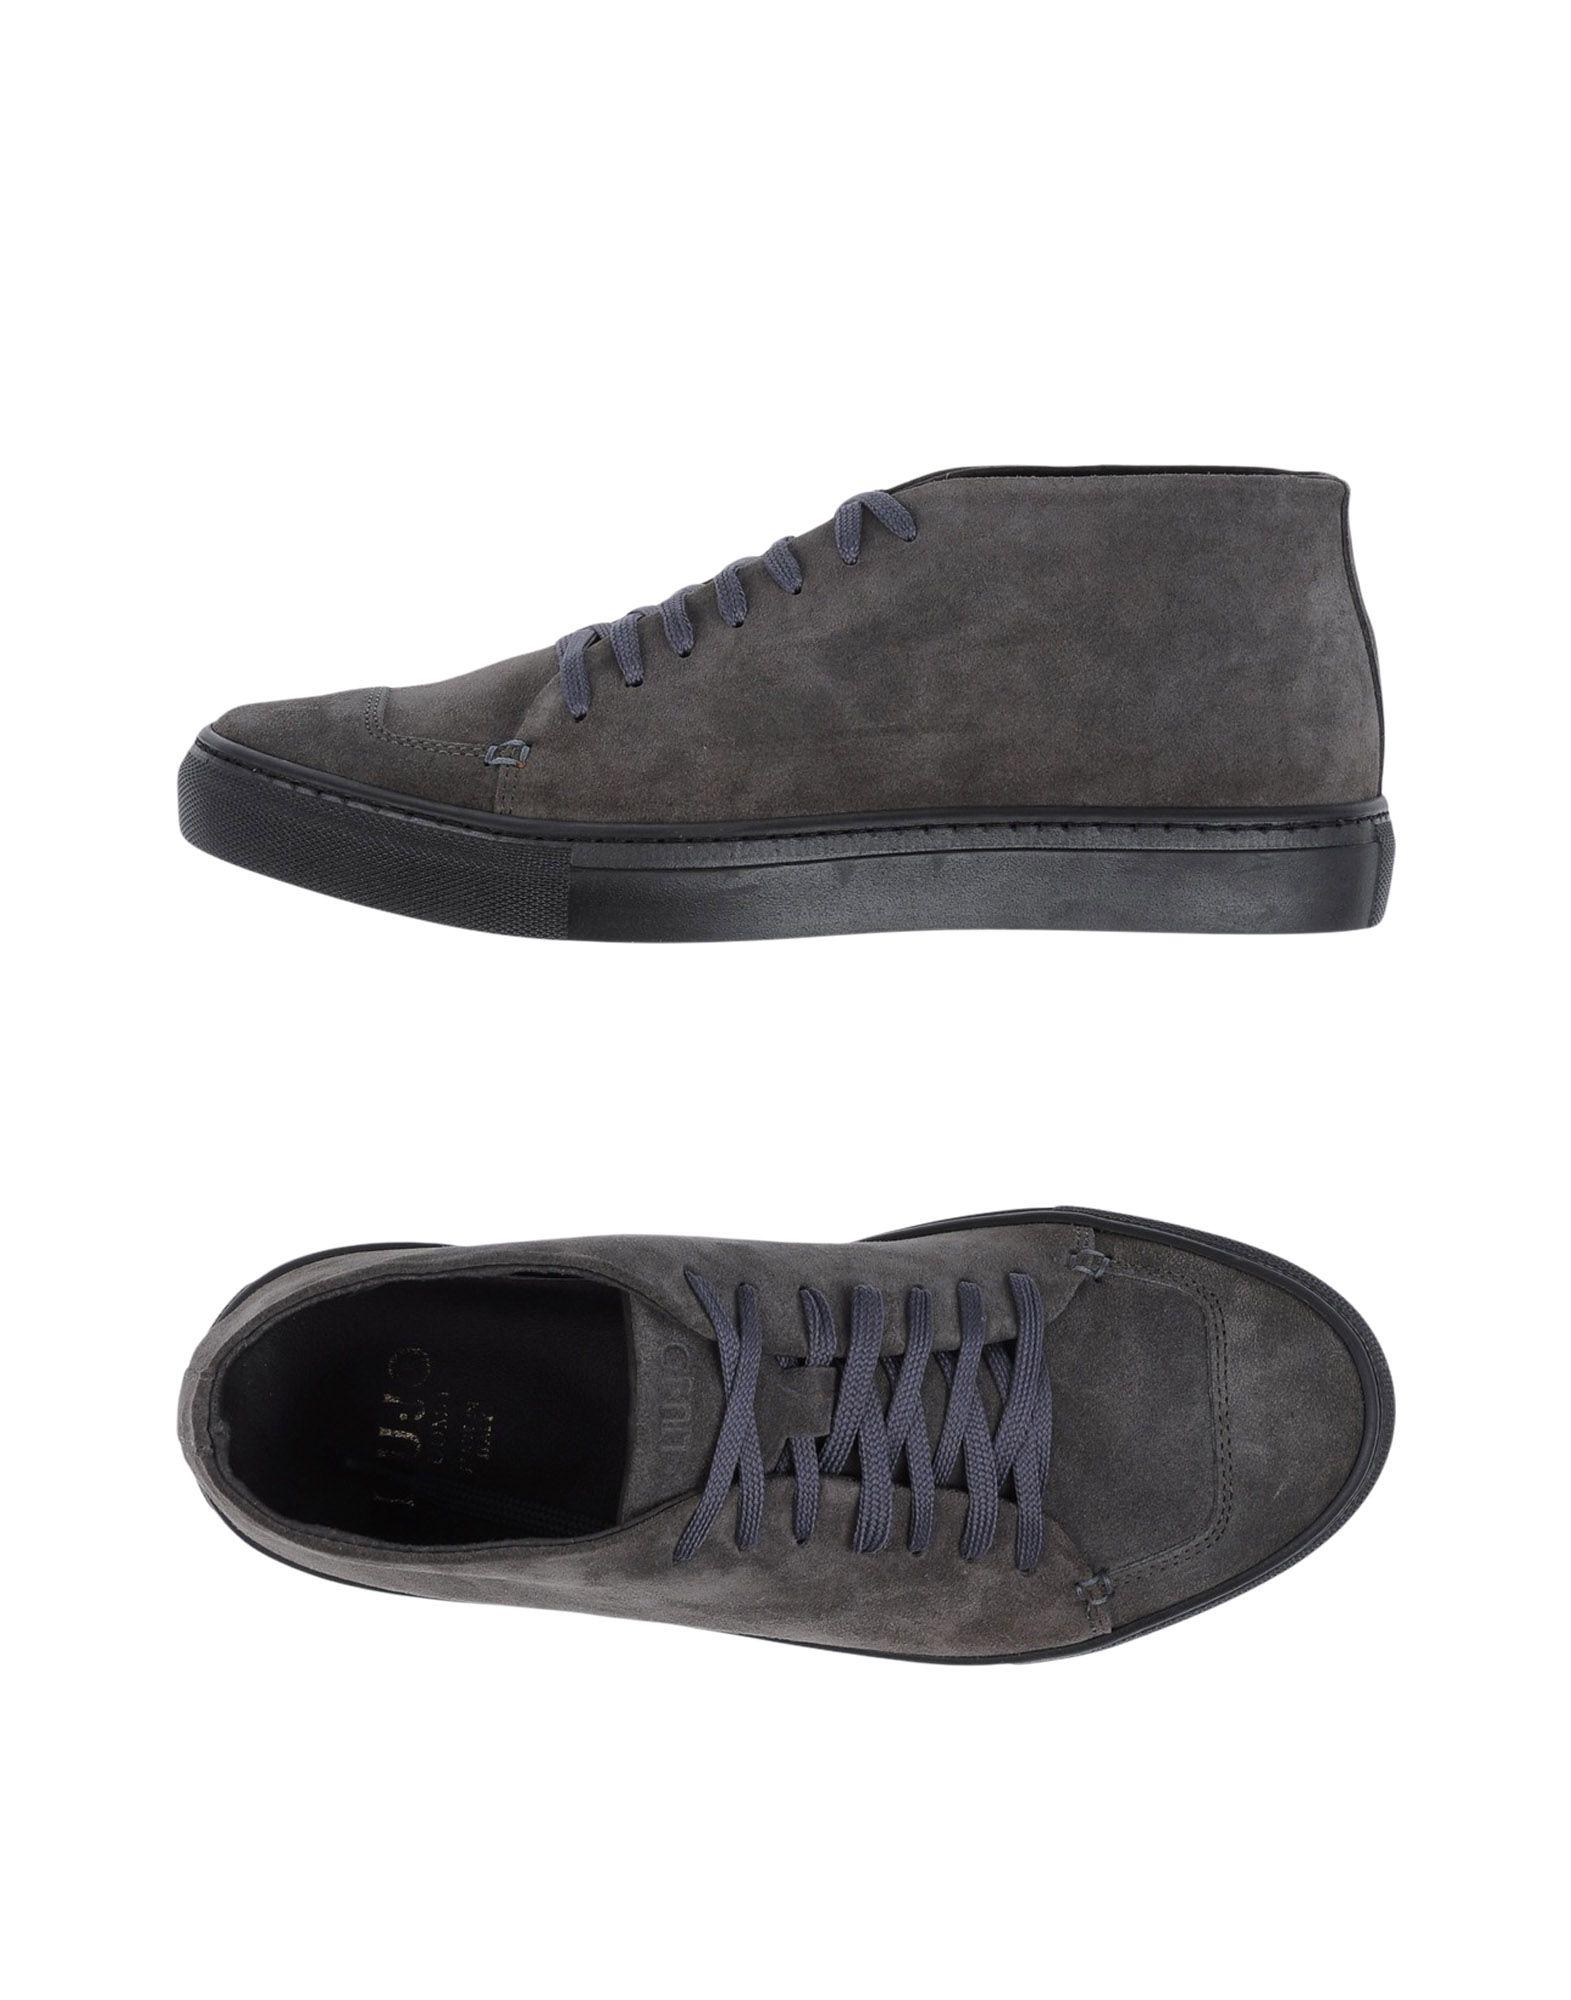 Liu •Jo Man •Jo Sneakers - Men Liu •Jo Man Man Sneakers online on  Australia - 11242636NW 604b64